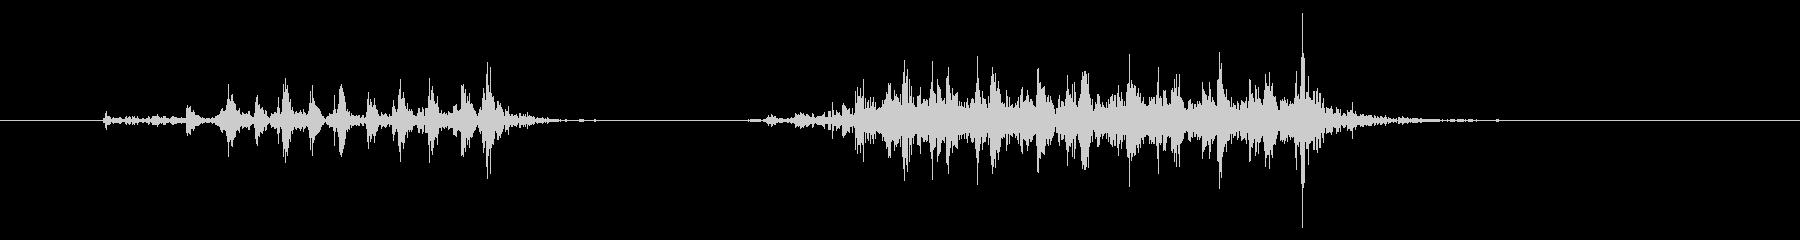 黒電話 ハードウェア01-2(ダイヤル)の未再生の波形